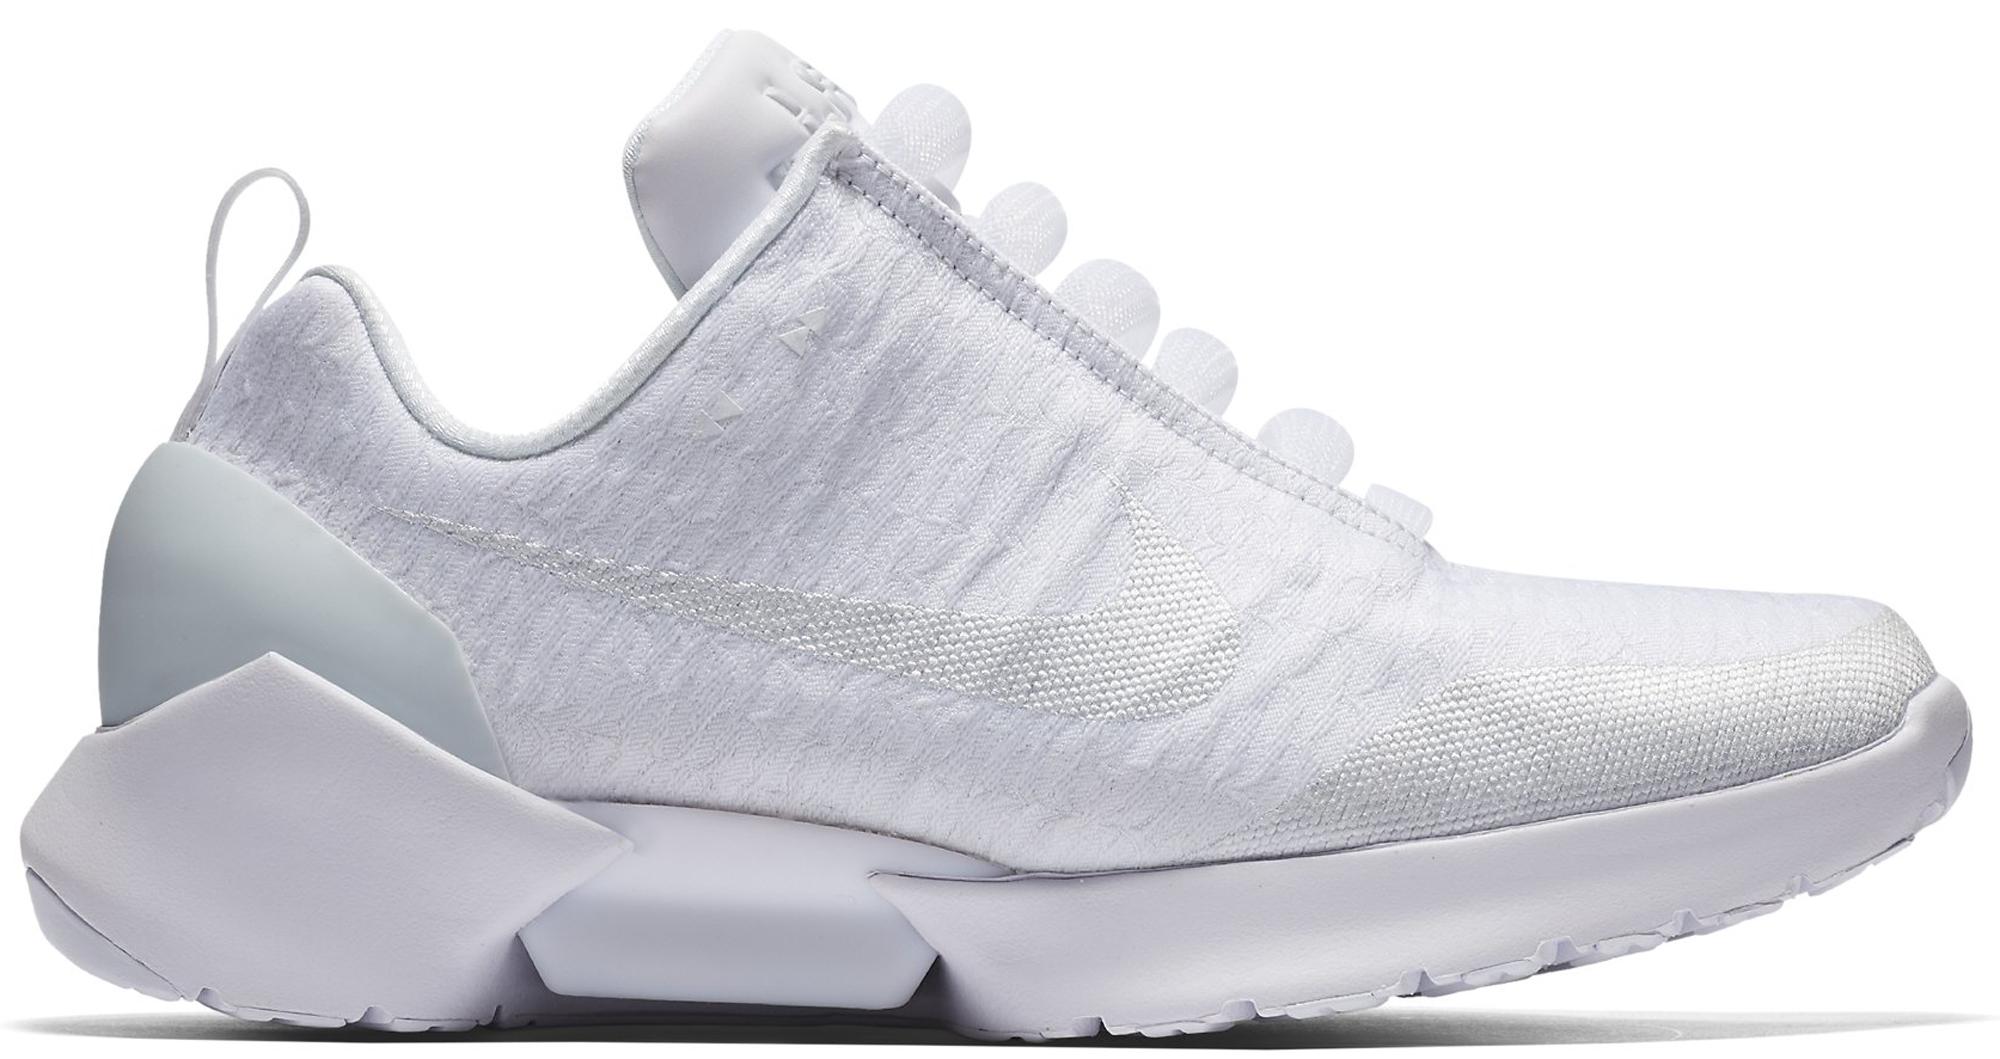 Nike HyperAdapt 1.0 White Pure Platinum